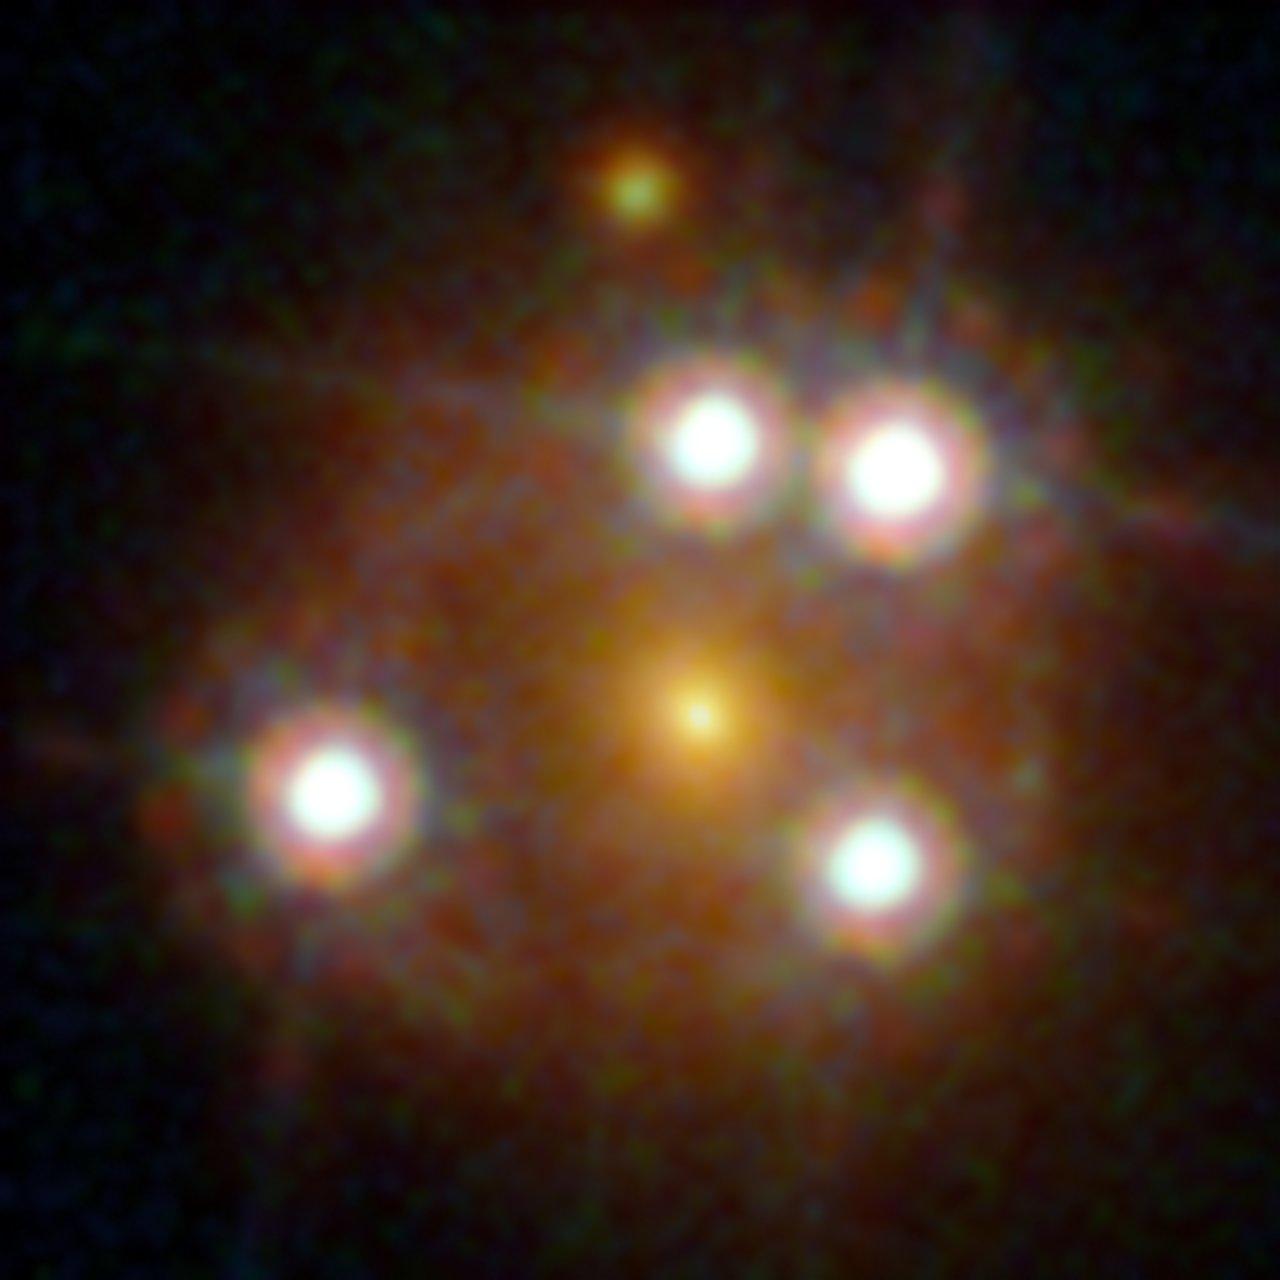 Il lensed quasar WFI2033-4723. Crediti: ESA/Hubble, NASA, Suyu et al.